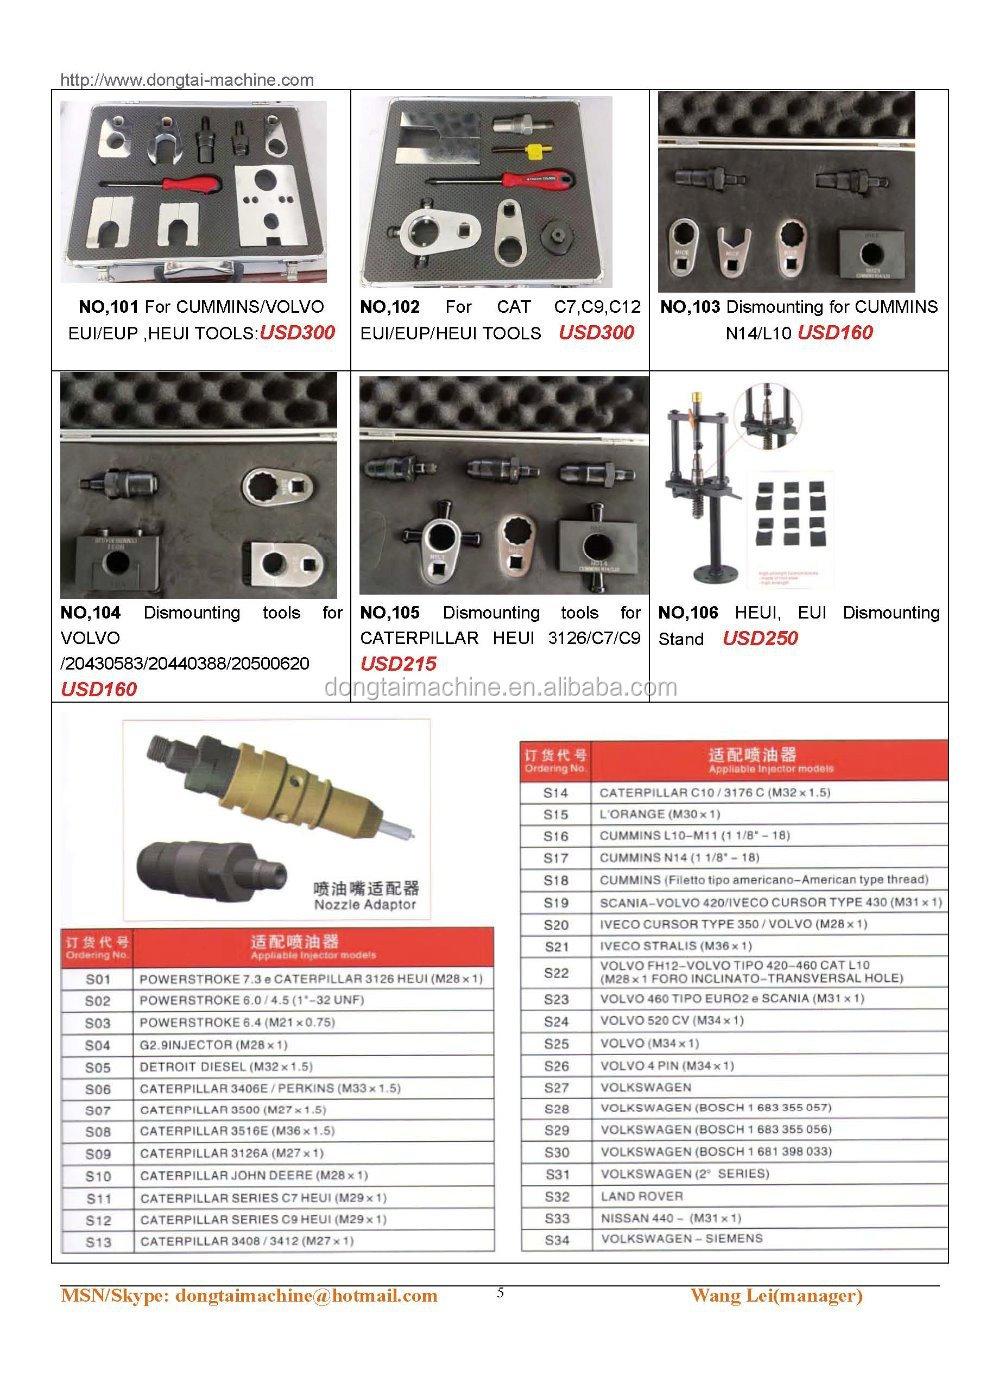 No,037 Tools For Cat 320d - Buy Common Rail Injectors Repair Tools,Bosch  Injector Tools,Common Rail Injectors Repair Tools Product on Alibaba com